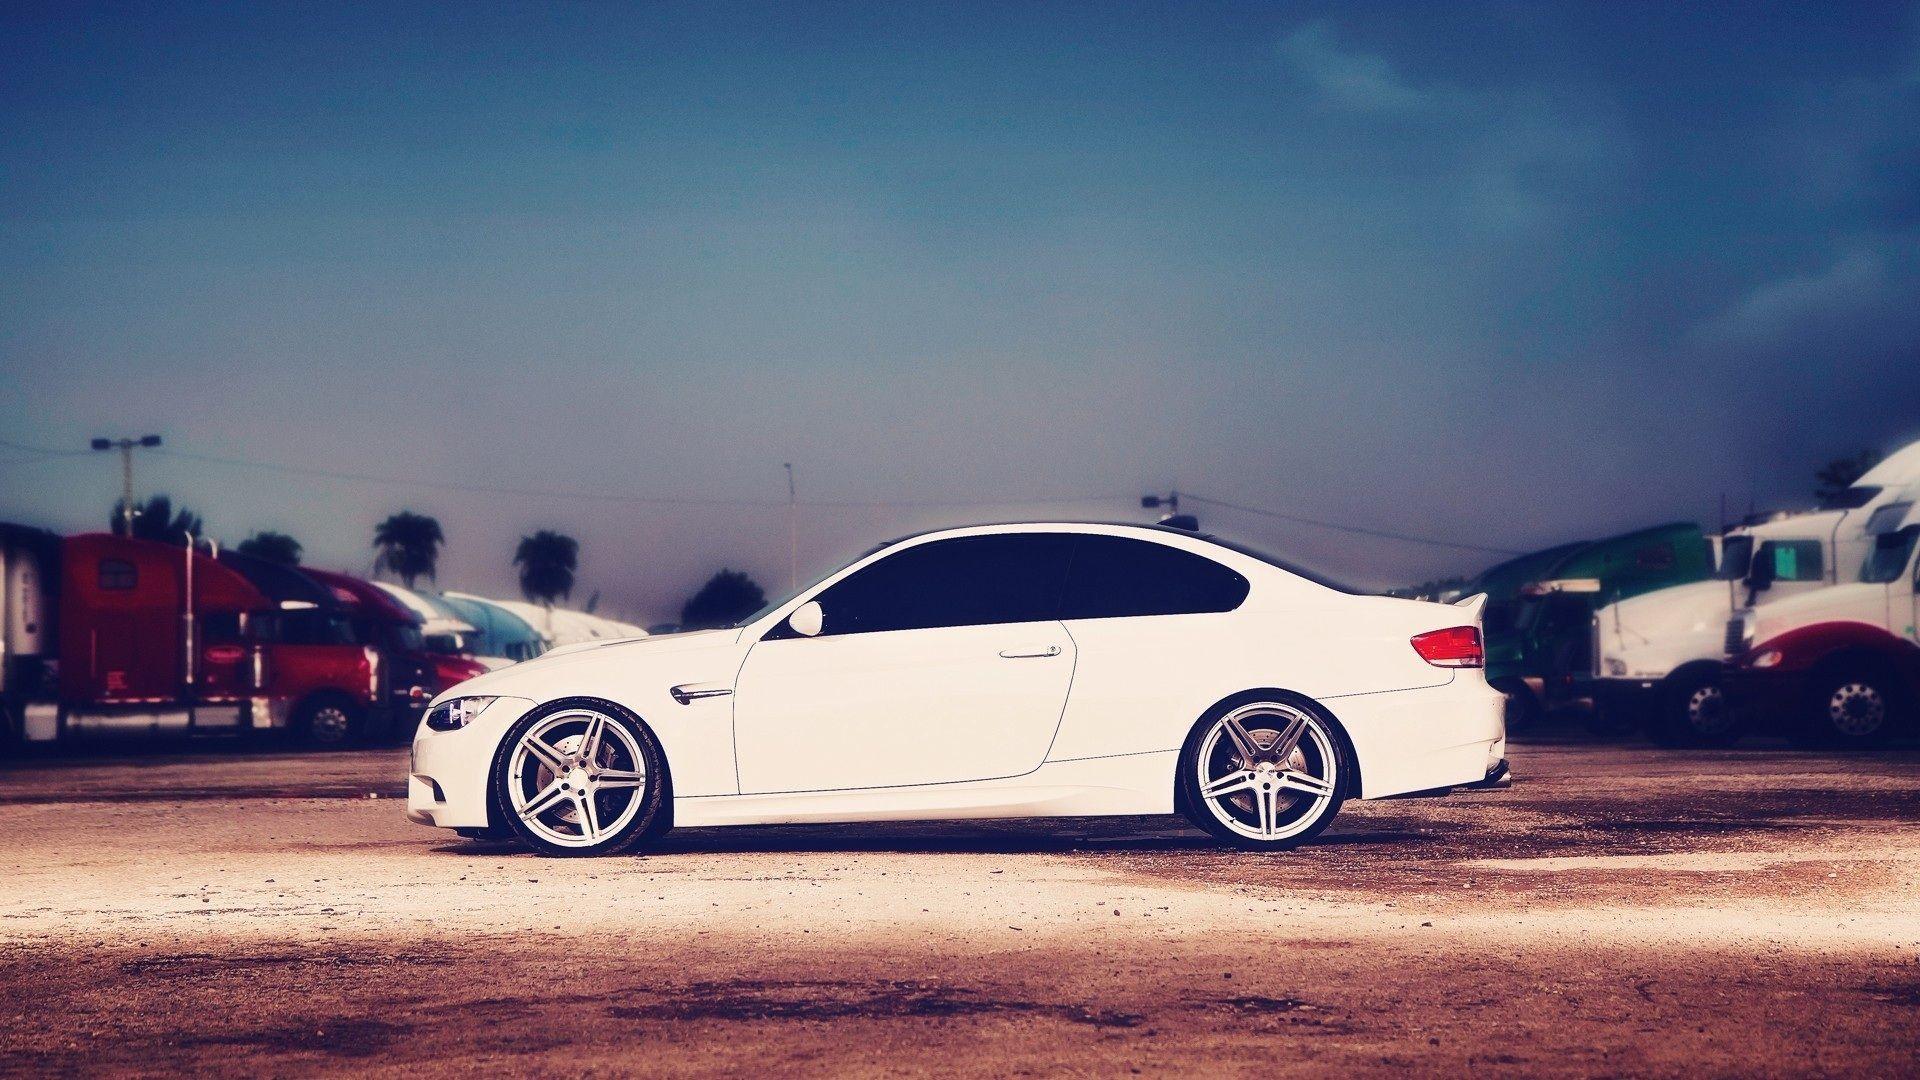 BMW E92 Wallpaper 08 - 1920x1080